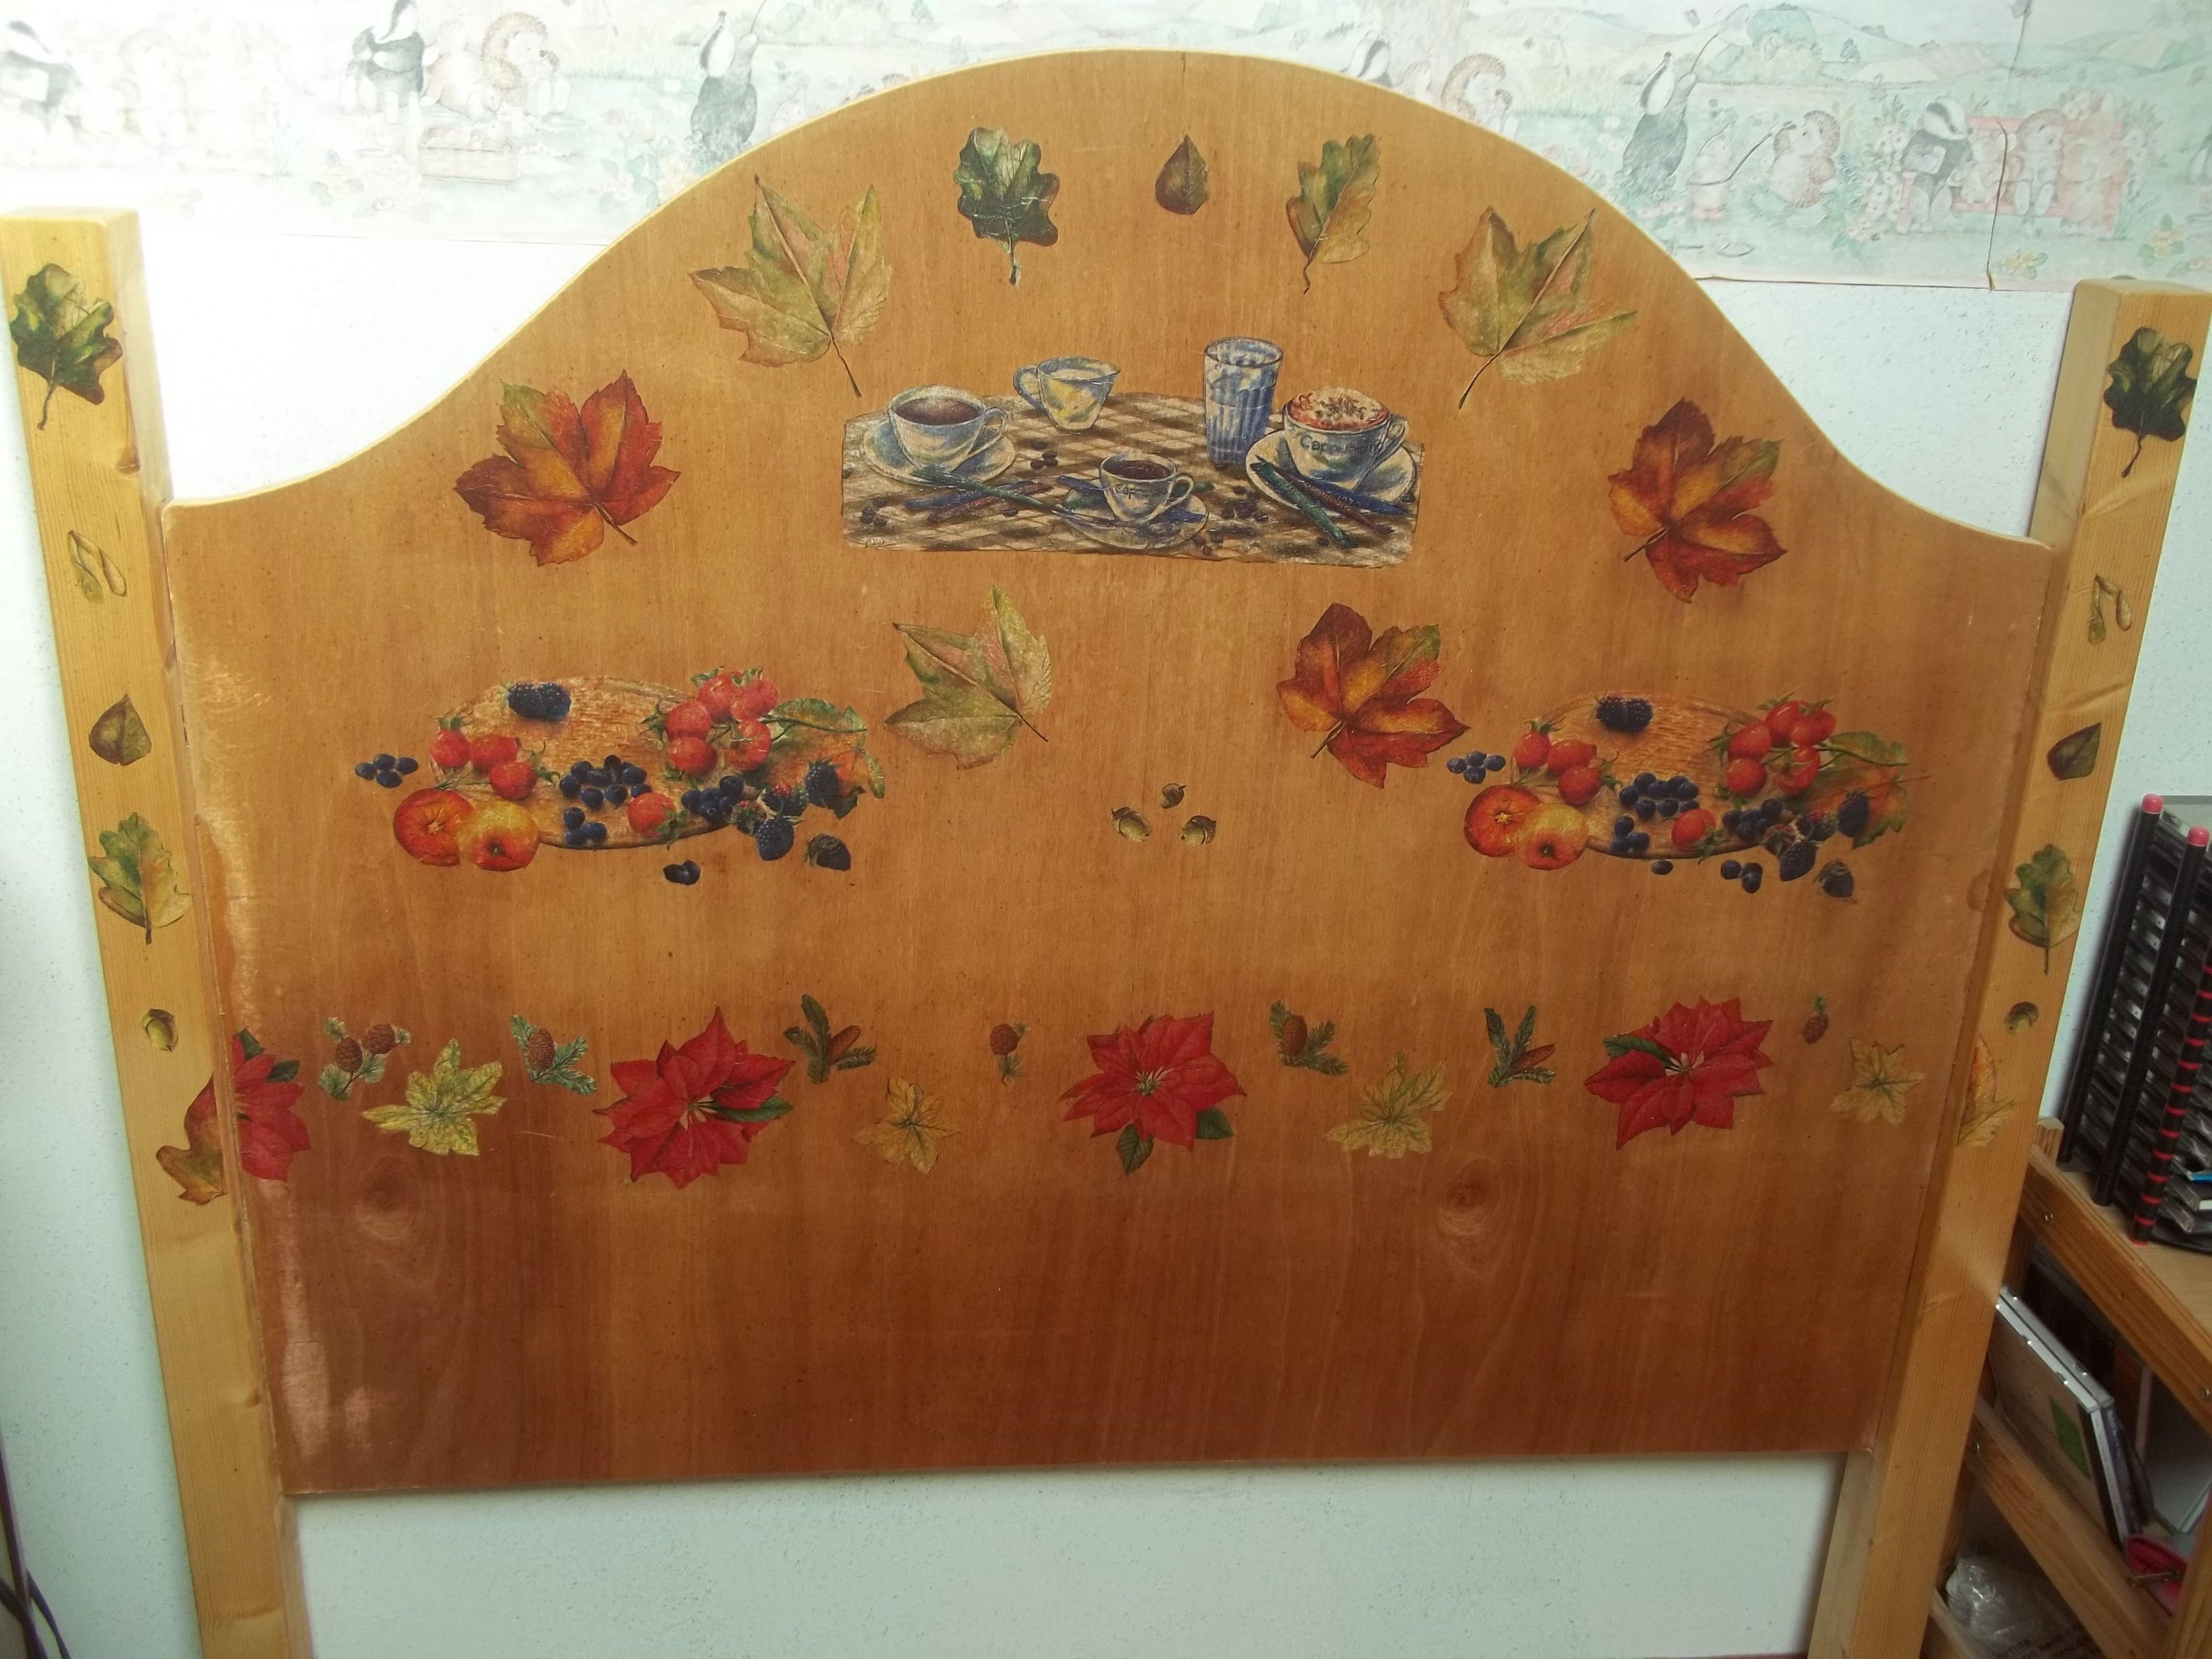 t te de li en bois cor de serviette de table en papier collage diy by duina fait main. Black Bedroom Furniture Sets. Home Design Ideas